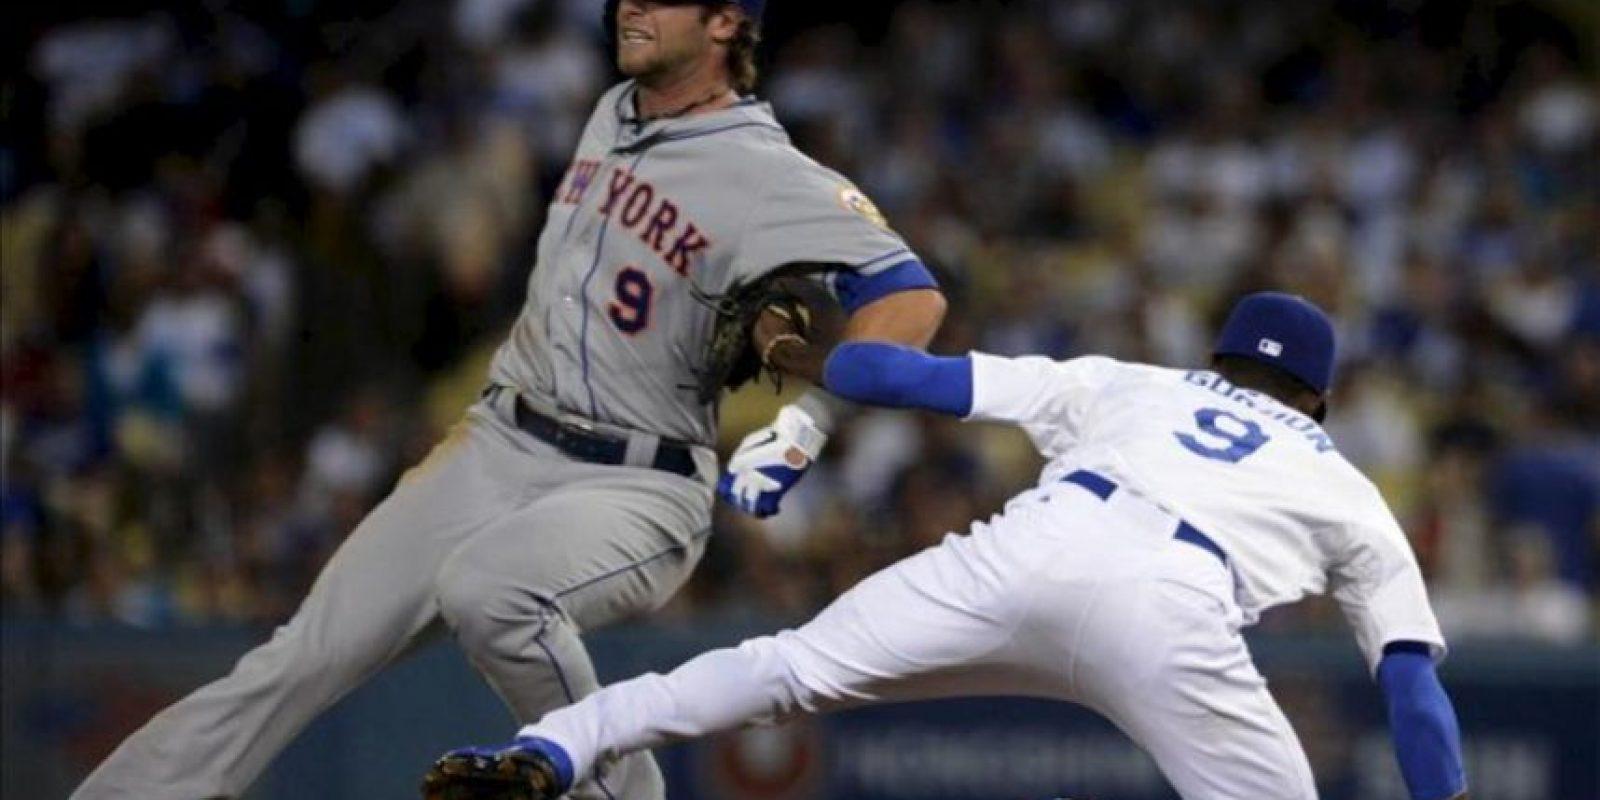 El jugador de los Mets de Nueva York, Kirk Niewenhuis (i), llega seguro a segunda base sobre el jugador de los Dodgers de Los Ángeles, Dee Gordon (d), este 29 de junio, en un juego de la Liga Mayor de Béisbol MLB celebrado en el estadio de los Dodgers en Los Ángeles (EE.UU.). EFE